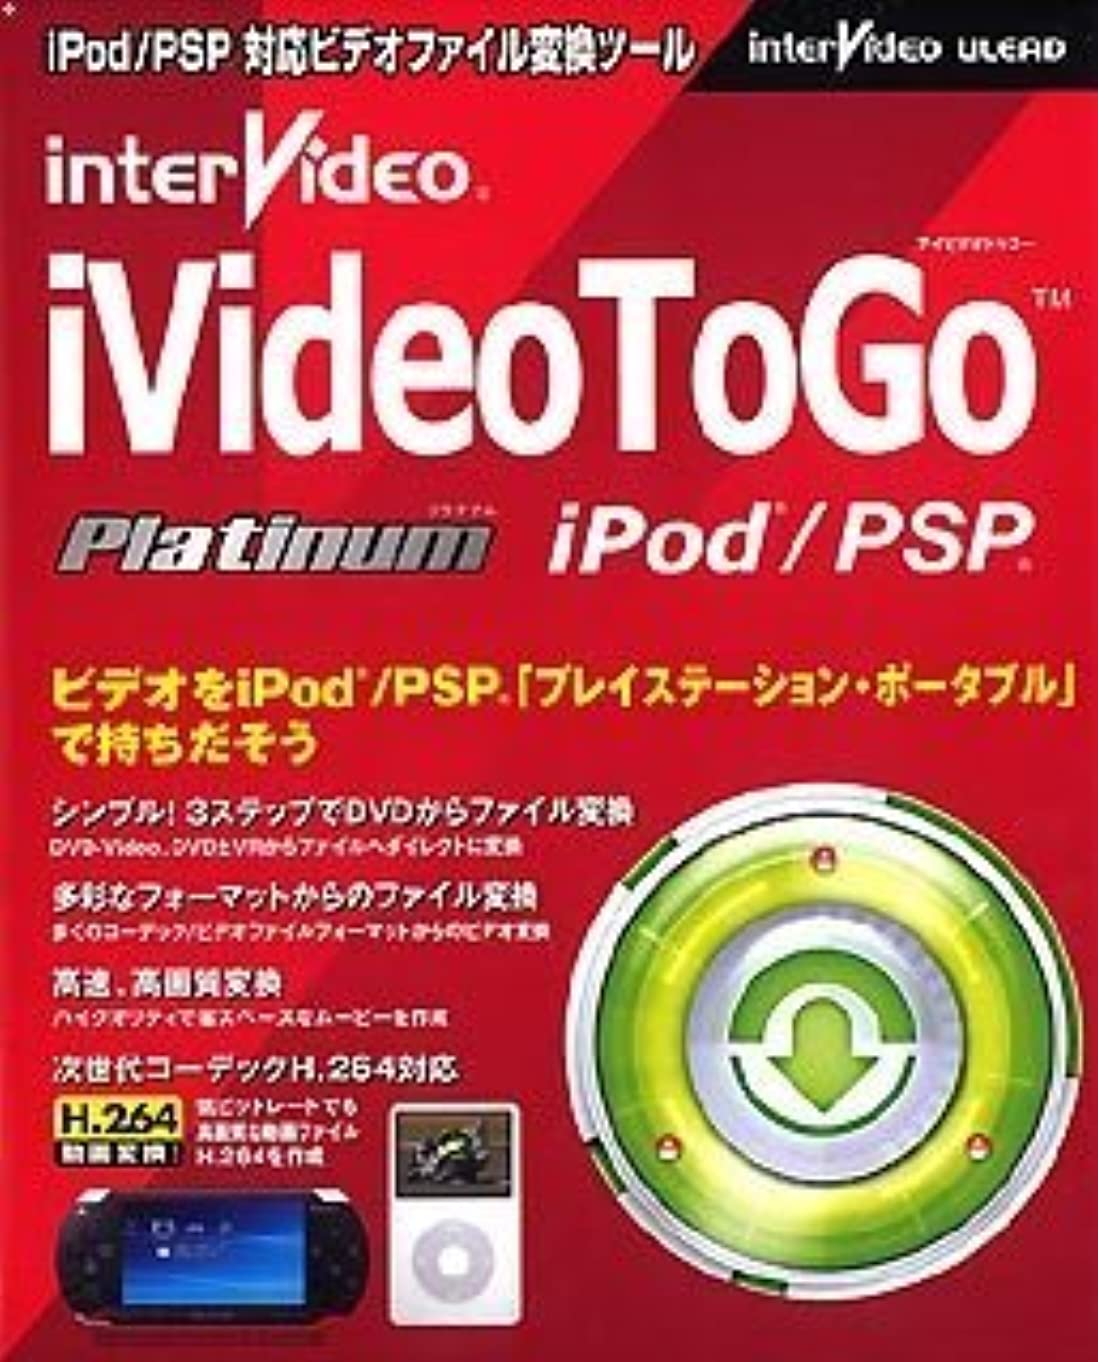 に対処するカップ投獄InterVideo iVideoToGo Platinum iPod/PSP